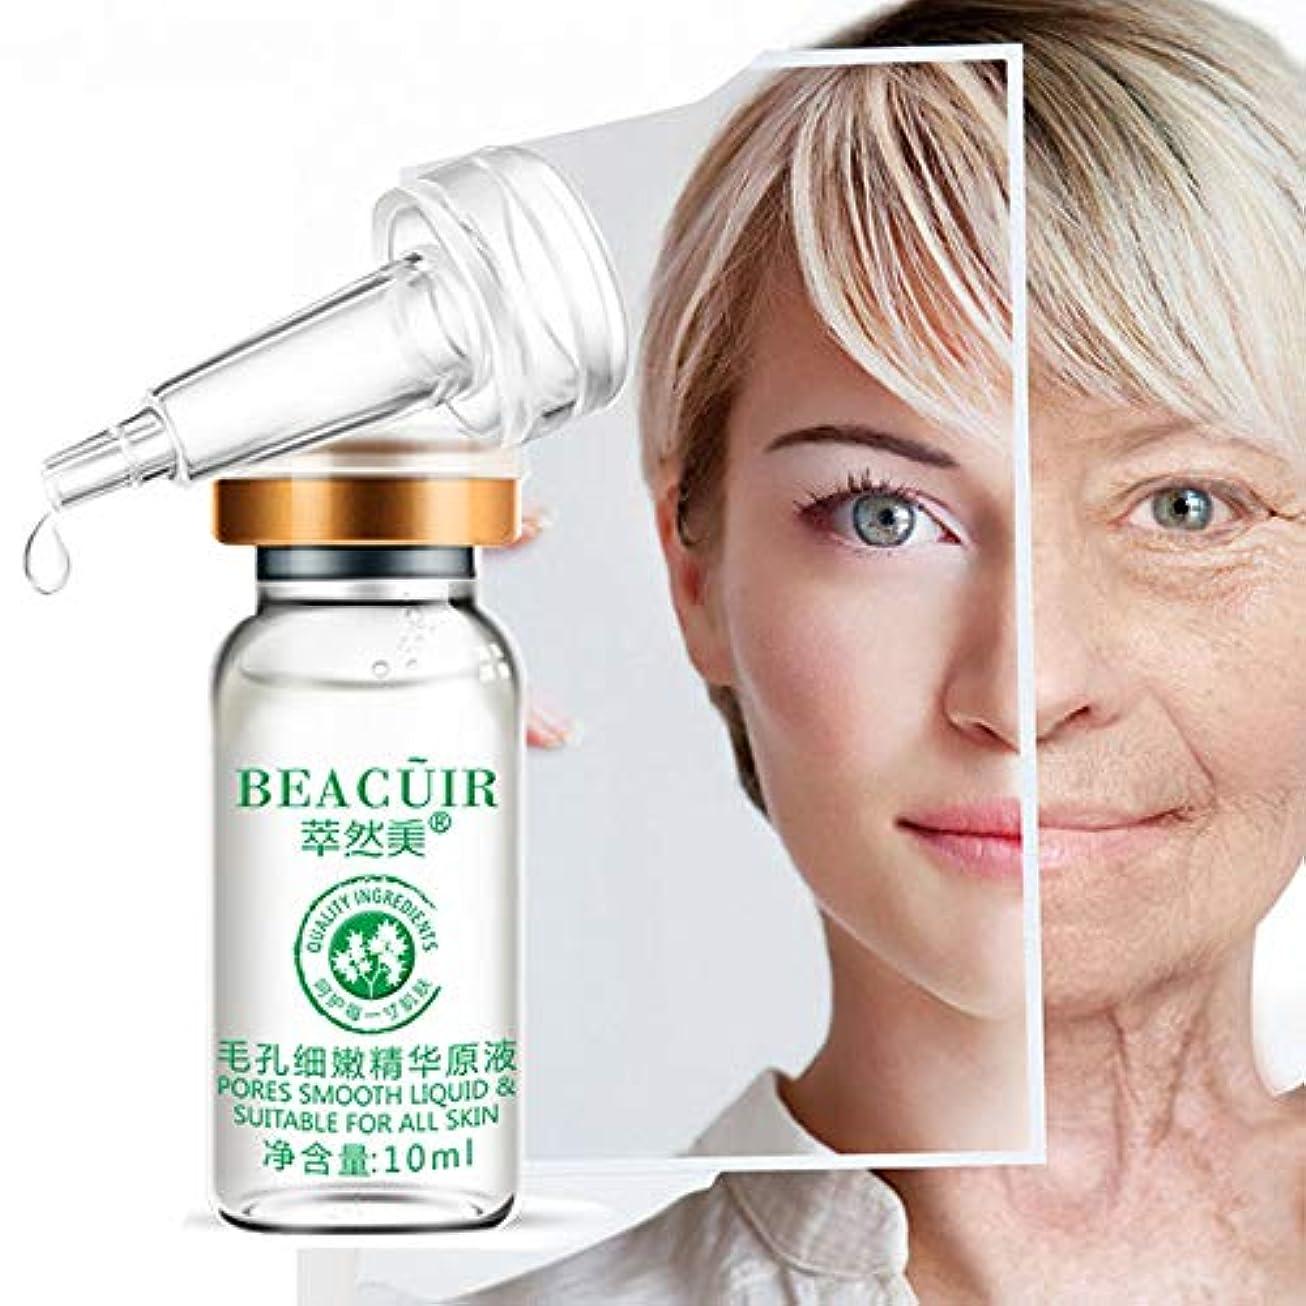 擬人化スクワイア少ないAkane BEACUIR 天然 水分 肌の明るさ 修復 美白 繊細 しわ取り 毛穴縮小 保湿 黒ずみ 角質除去 肌荒れ防止 くすんだ肌を改善し エッセンス 10ml